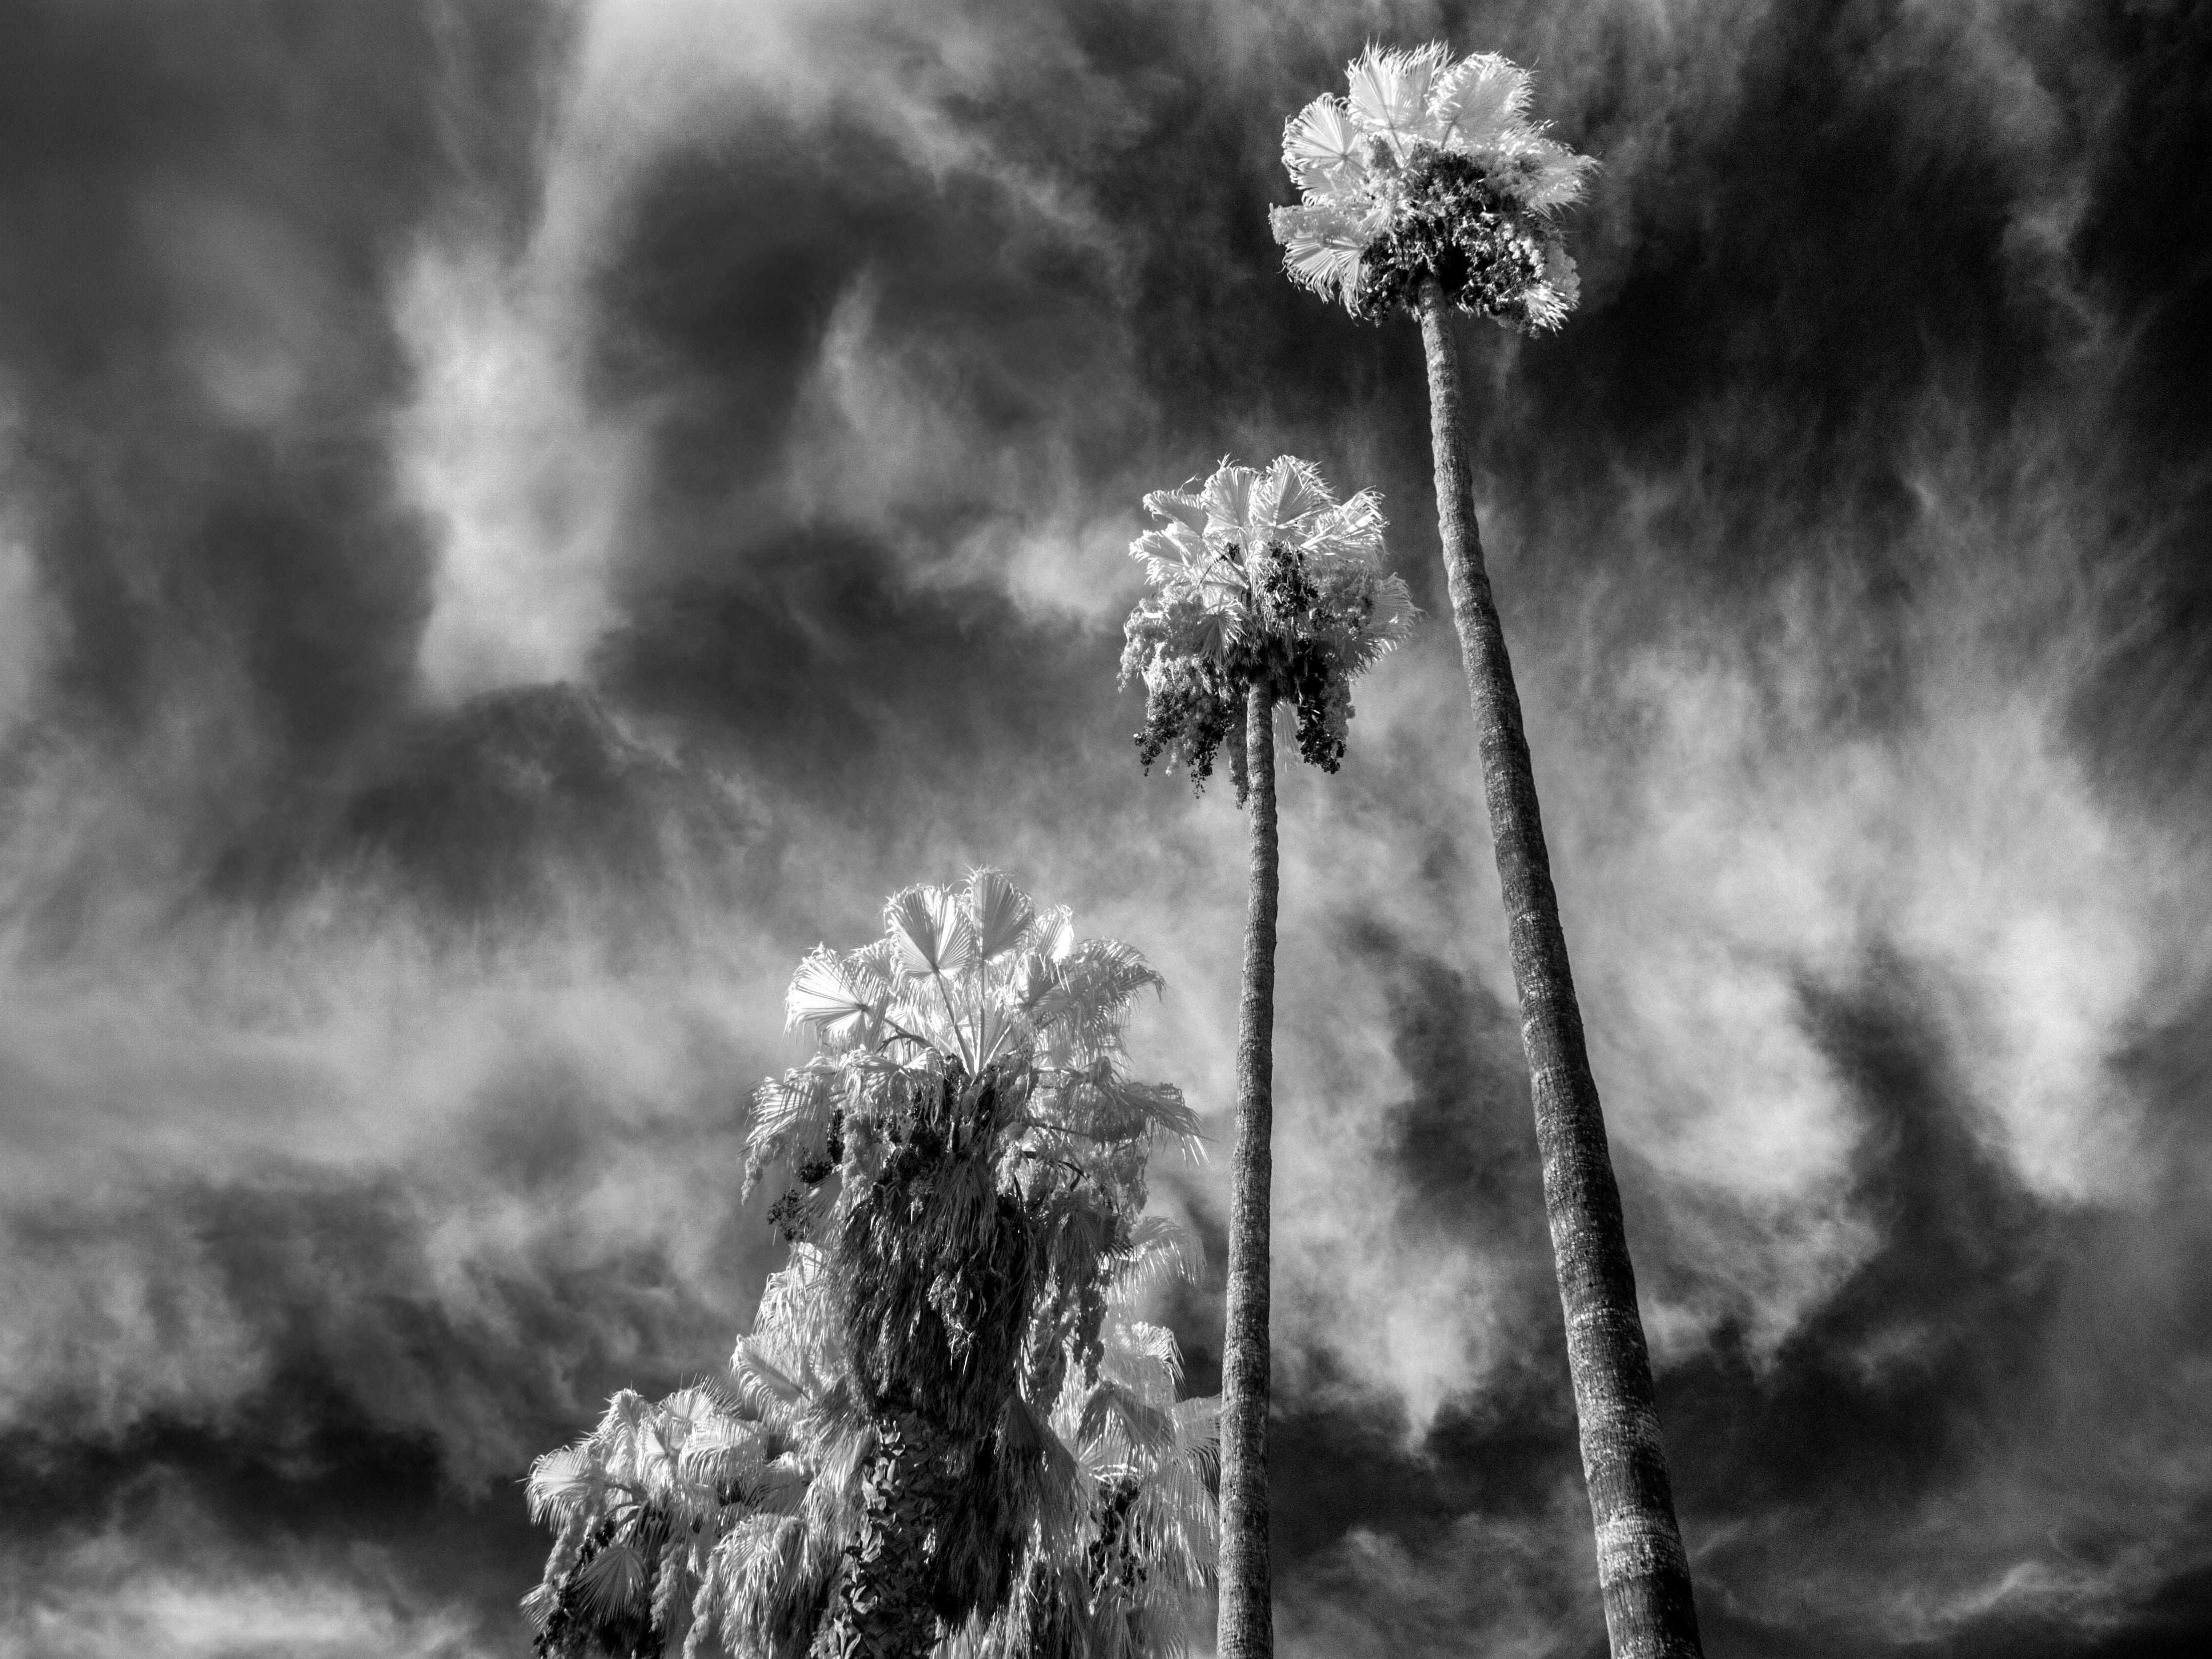 развести картинки цветы мрака середине семидесятых чаде